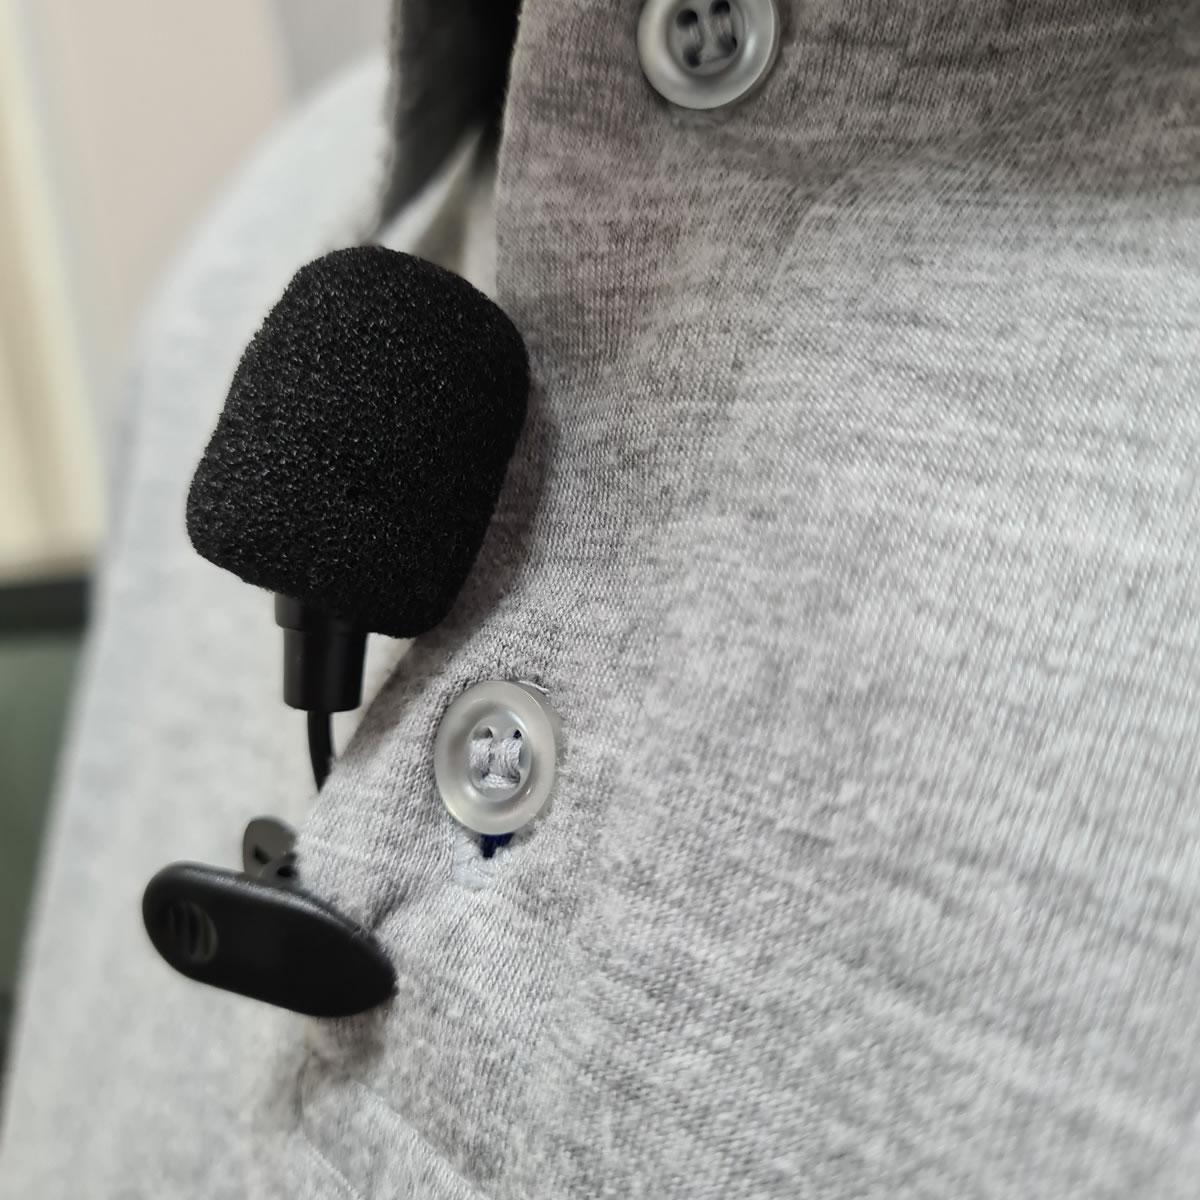 Microfone De Lapela Stereo P3 para Celular Smartphone notebook Vídeo Conferência